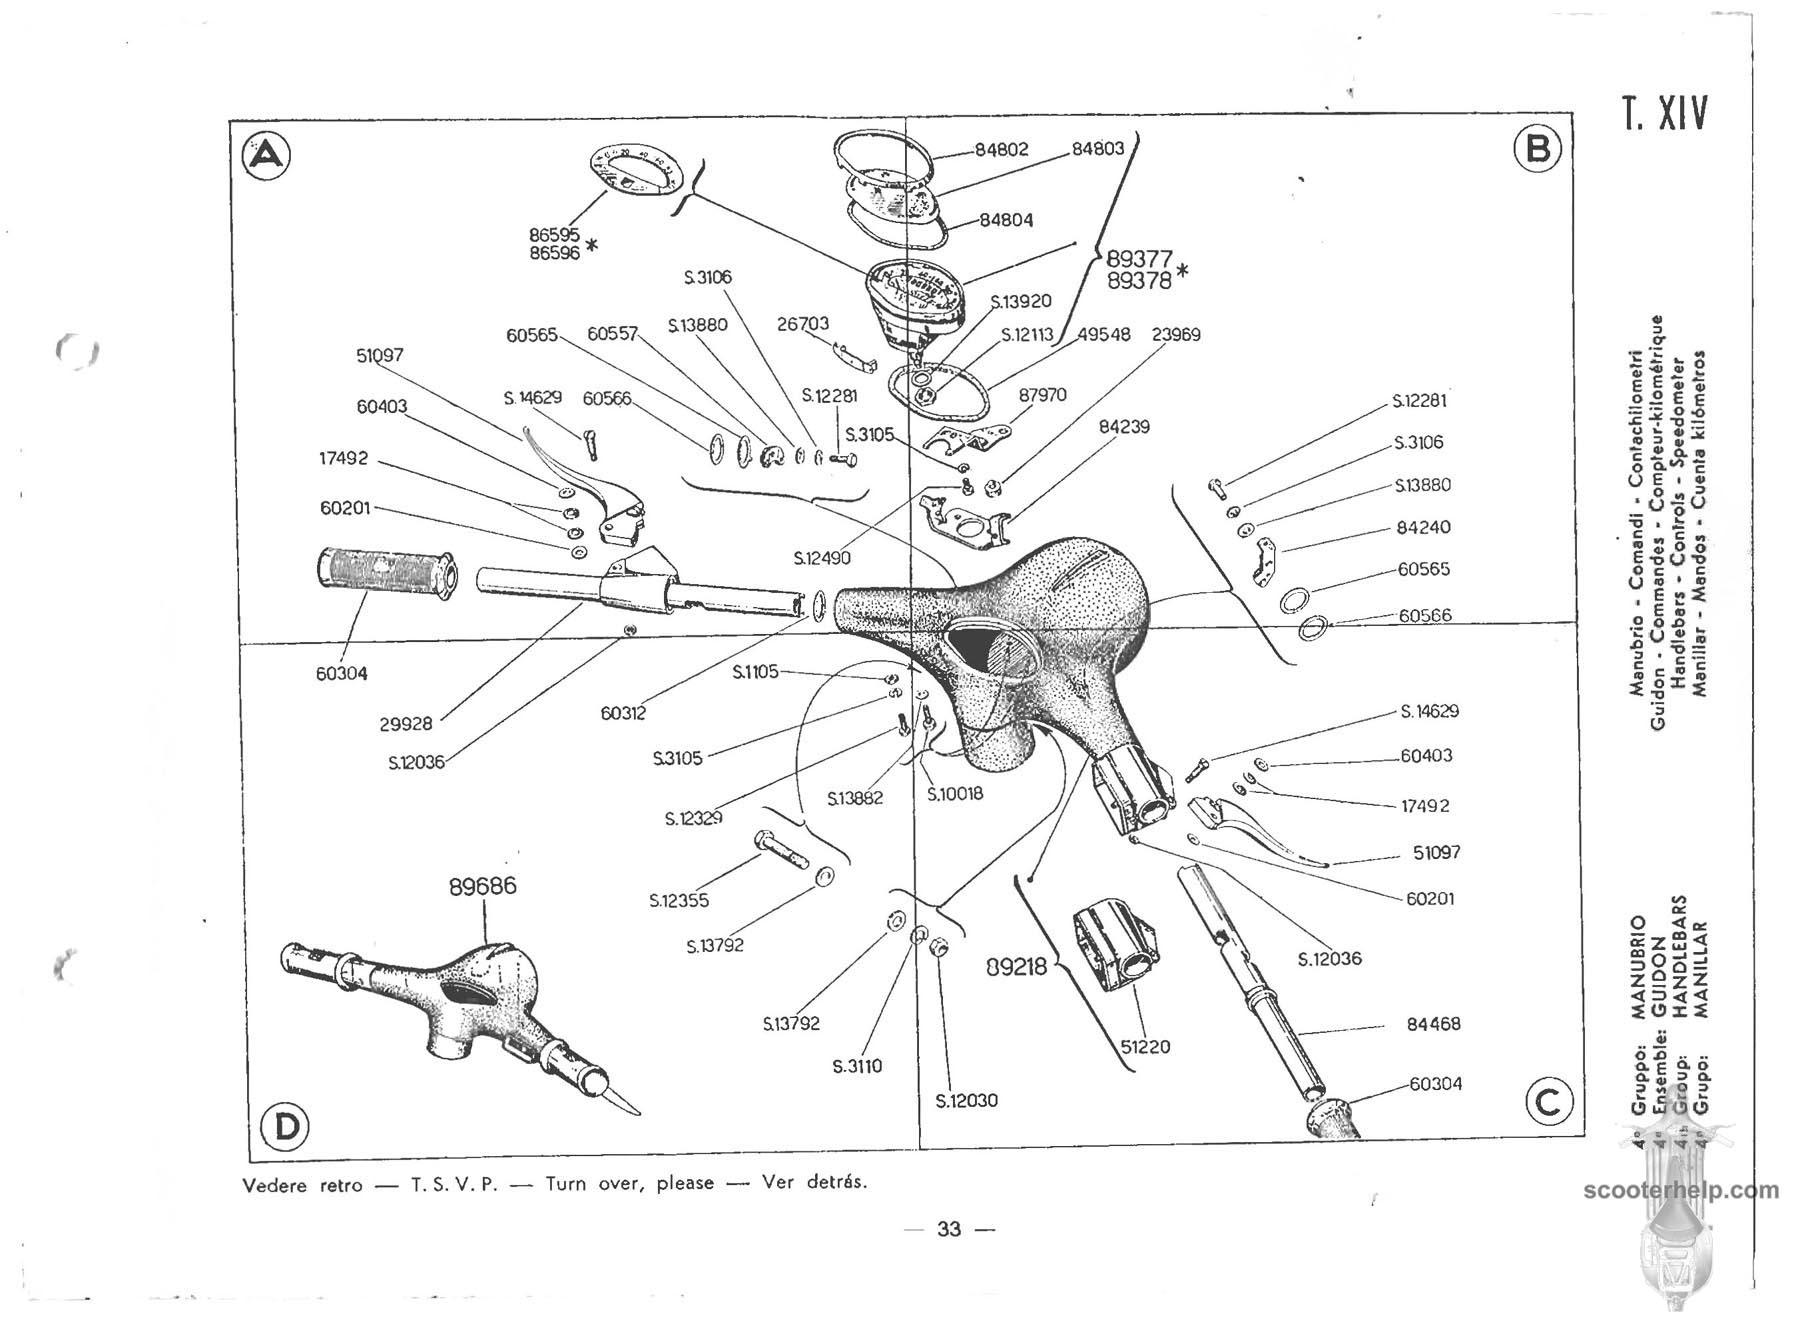 Vespa Px Wiring Diagram Page 4 And Schematics Px125e P200 Fuse Box Source 150 Vbb1t Parts Manual Rh Scooterhelp Com Et4